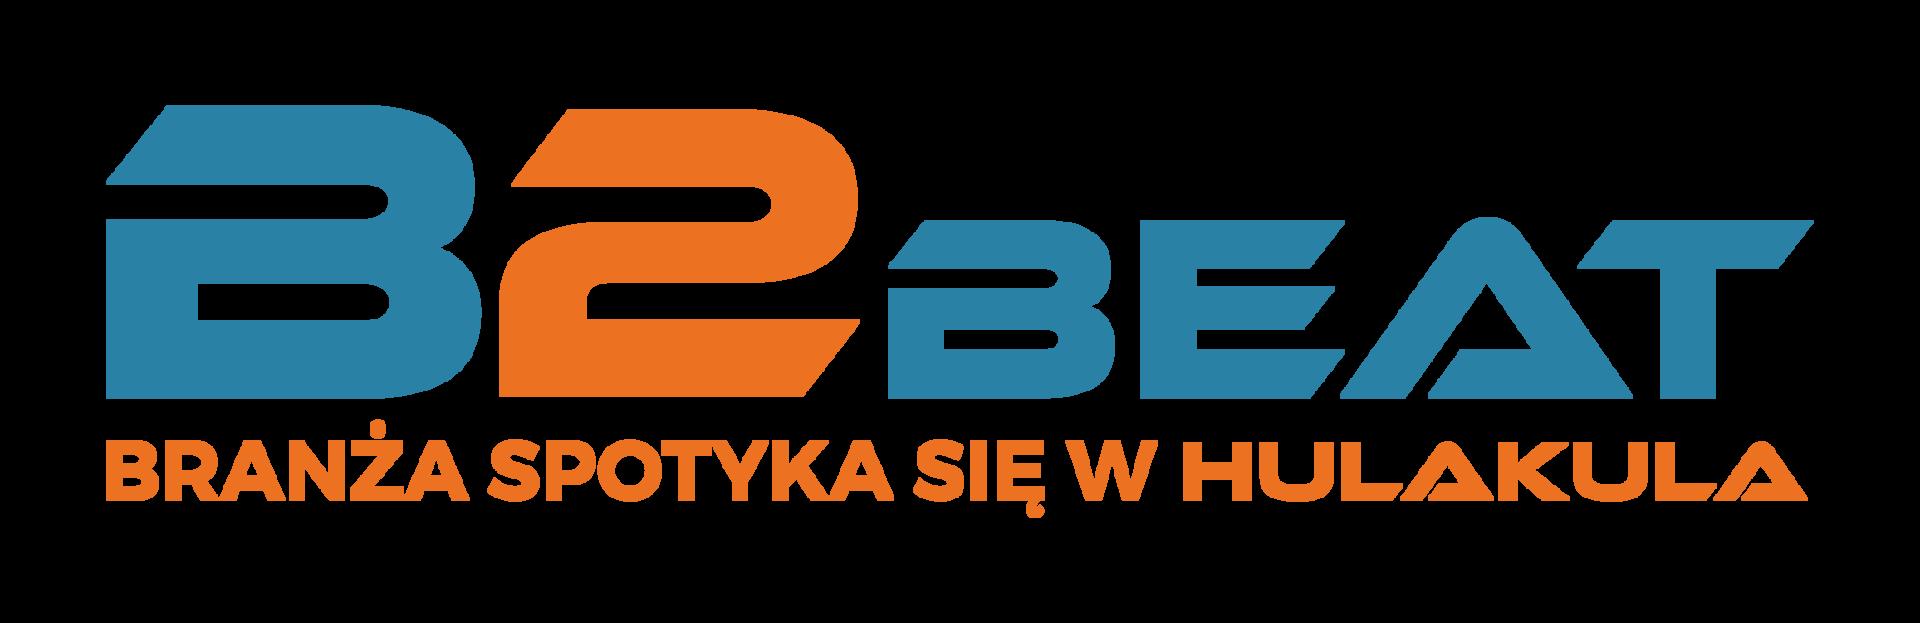 """""""B2Beat…"""" - branża eventowa, reklamowa i media ponownie spotykają się w Hulakula! Zarejestruj swój udział w Branżowym Turnieju Bowlingowym"""